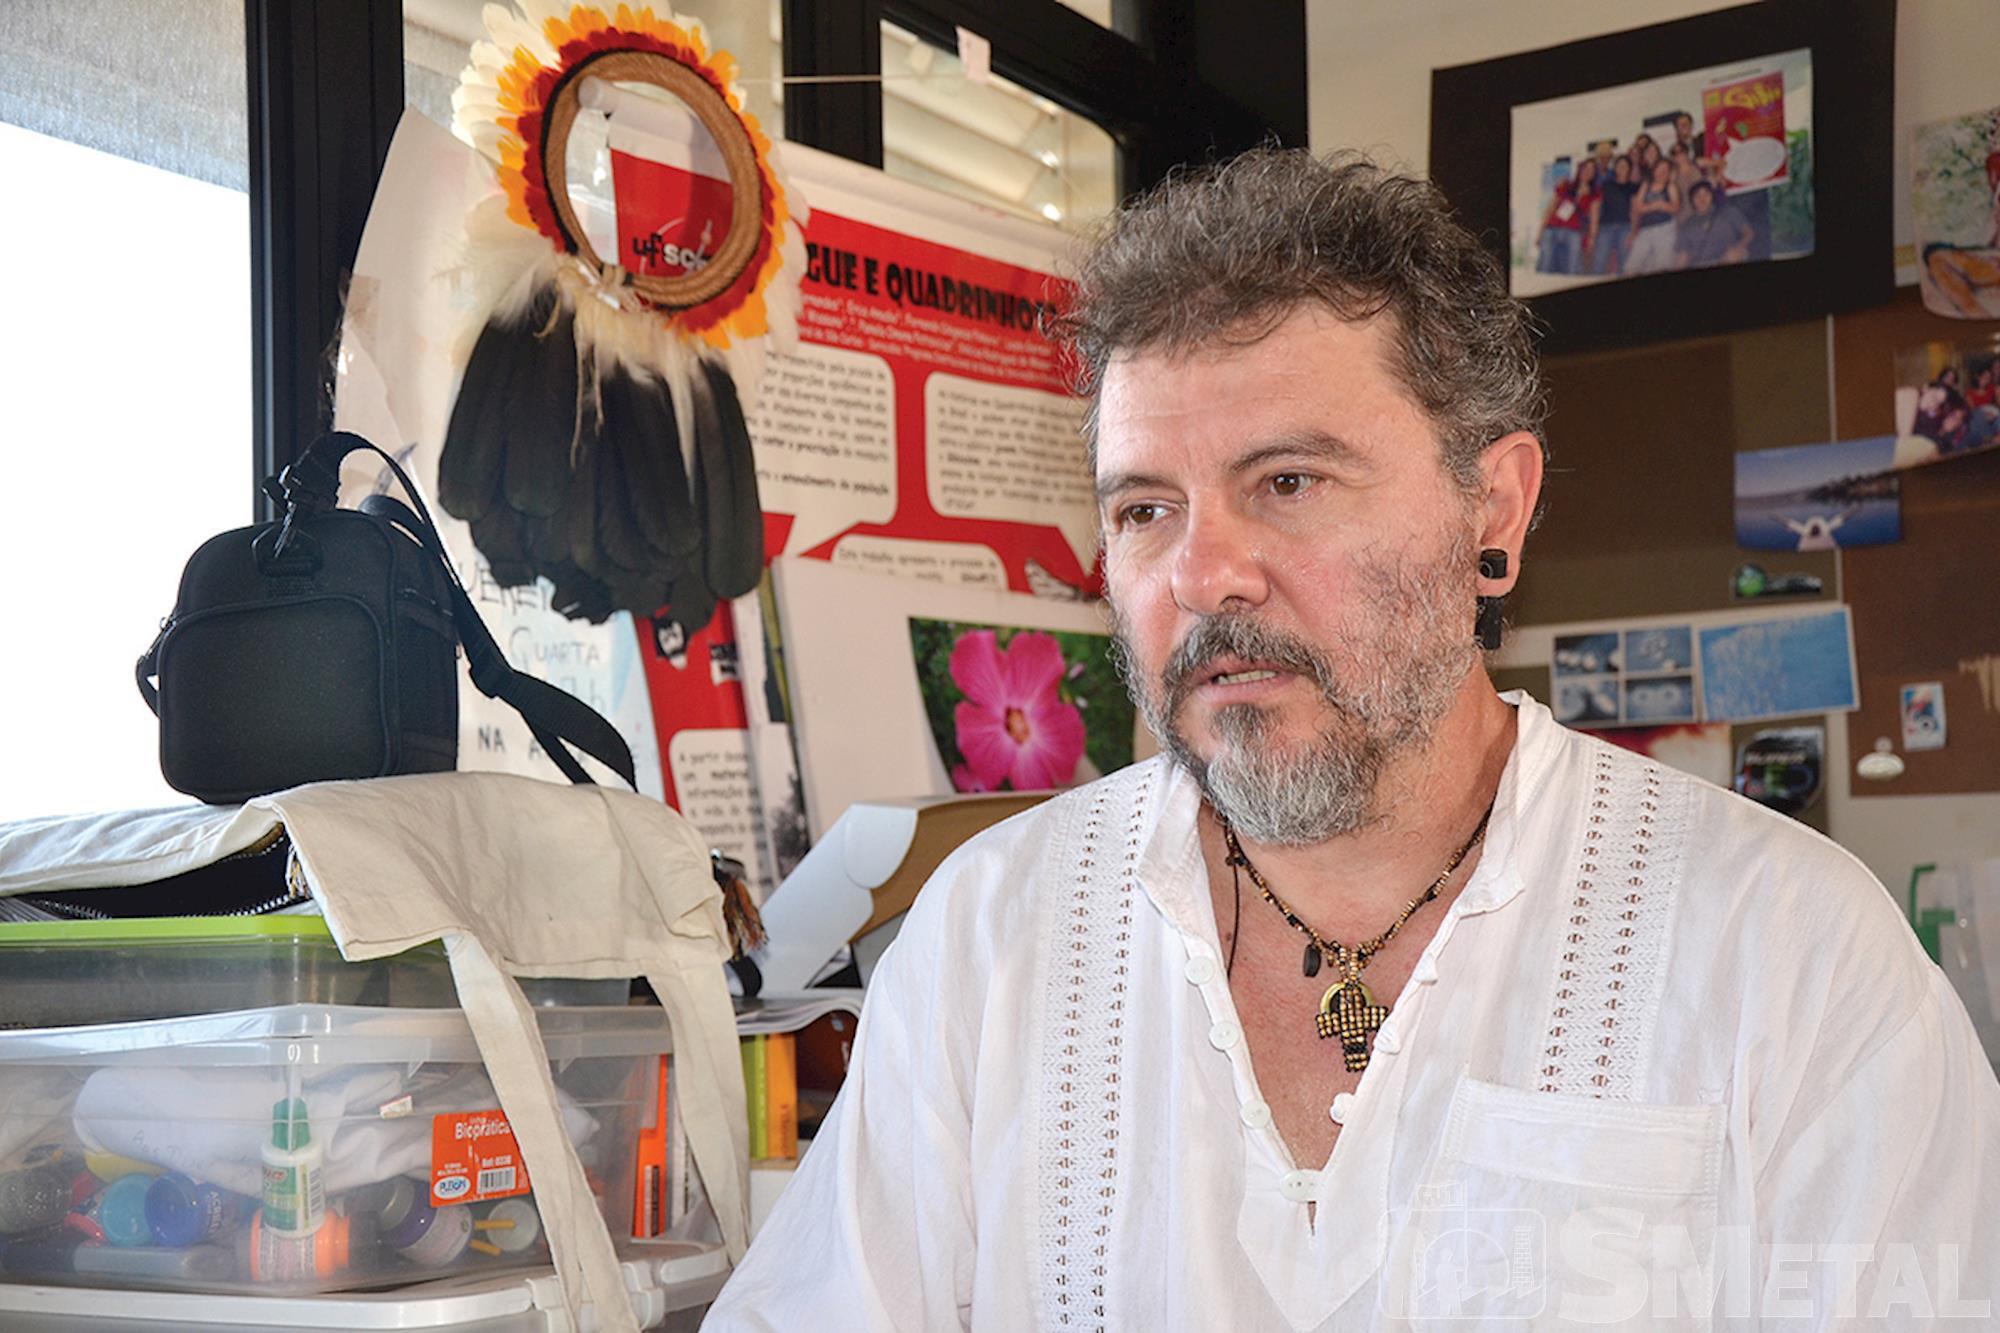 O professor Hylio Lagana afirma que o universo indígena continua desconhecido, Indígenas: Resistência e preservação cultural